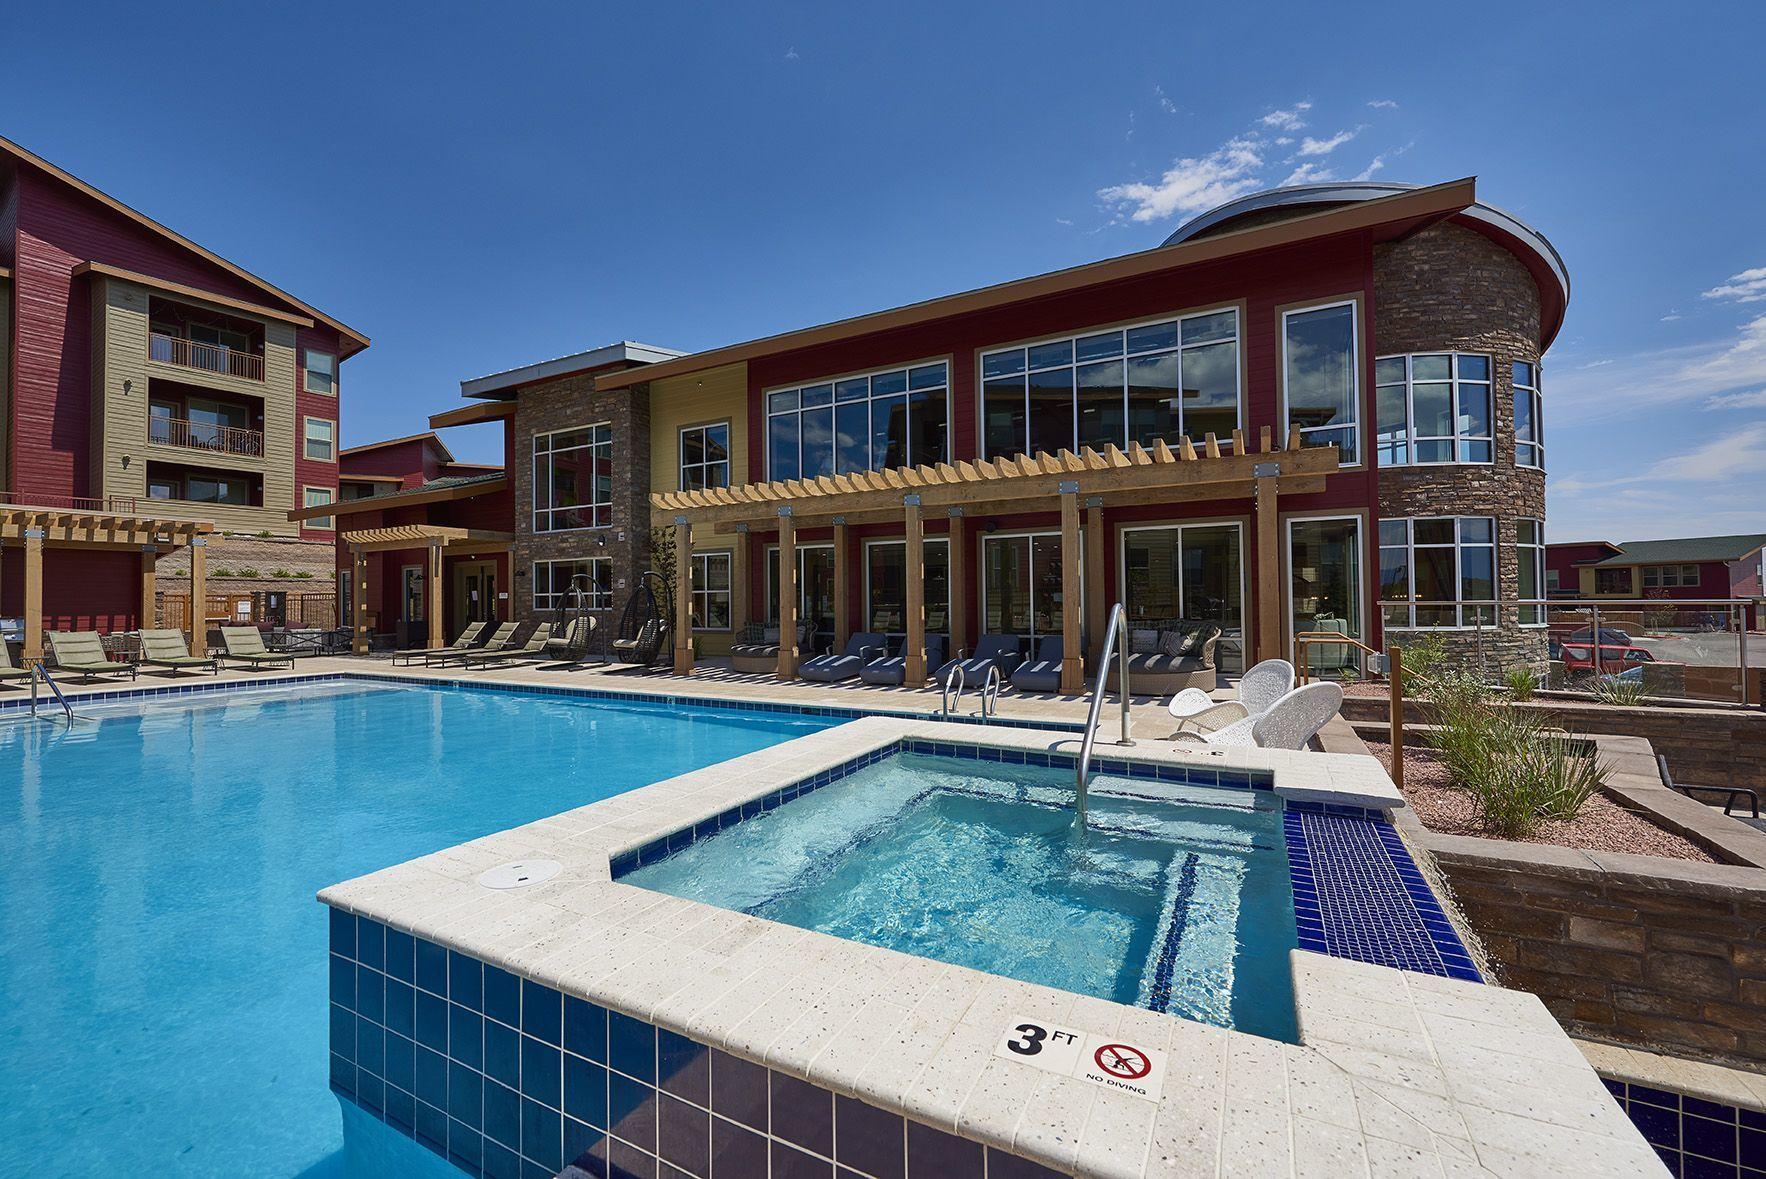 4637 Asher Hts Colorado Springs Co 80917 1 Bed Bath 23 Photos Trulia